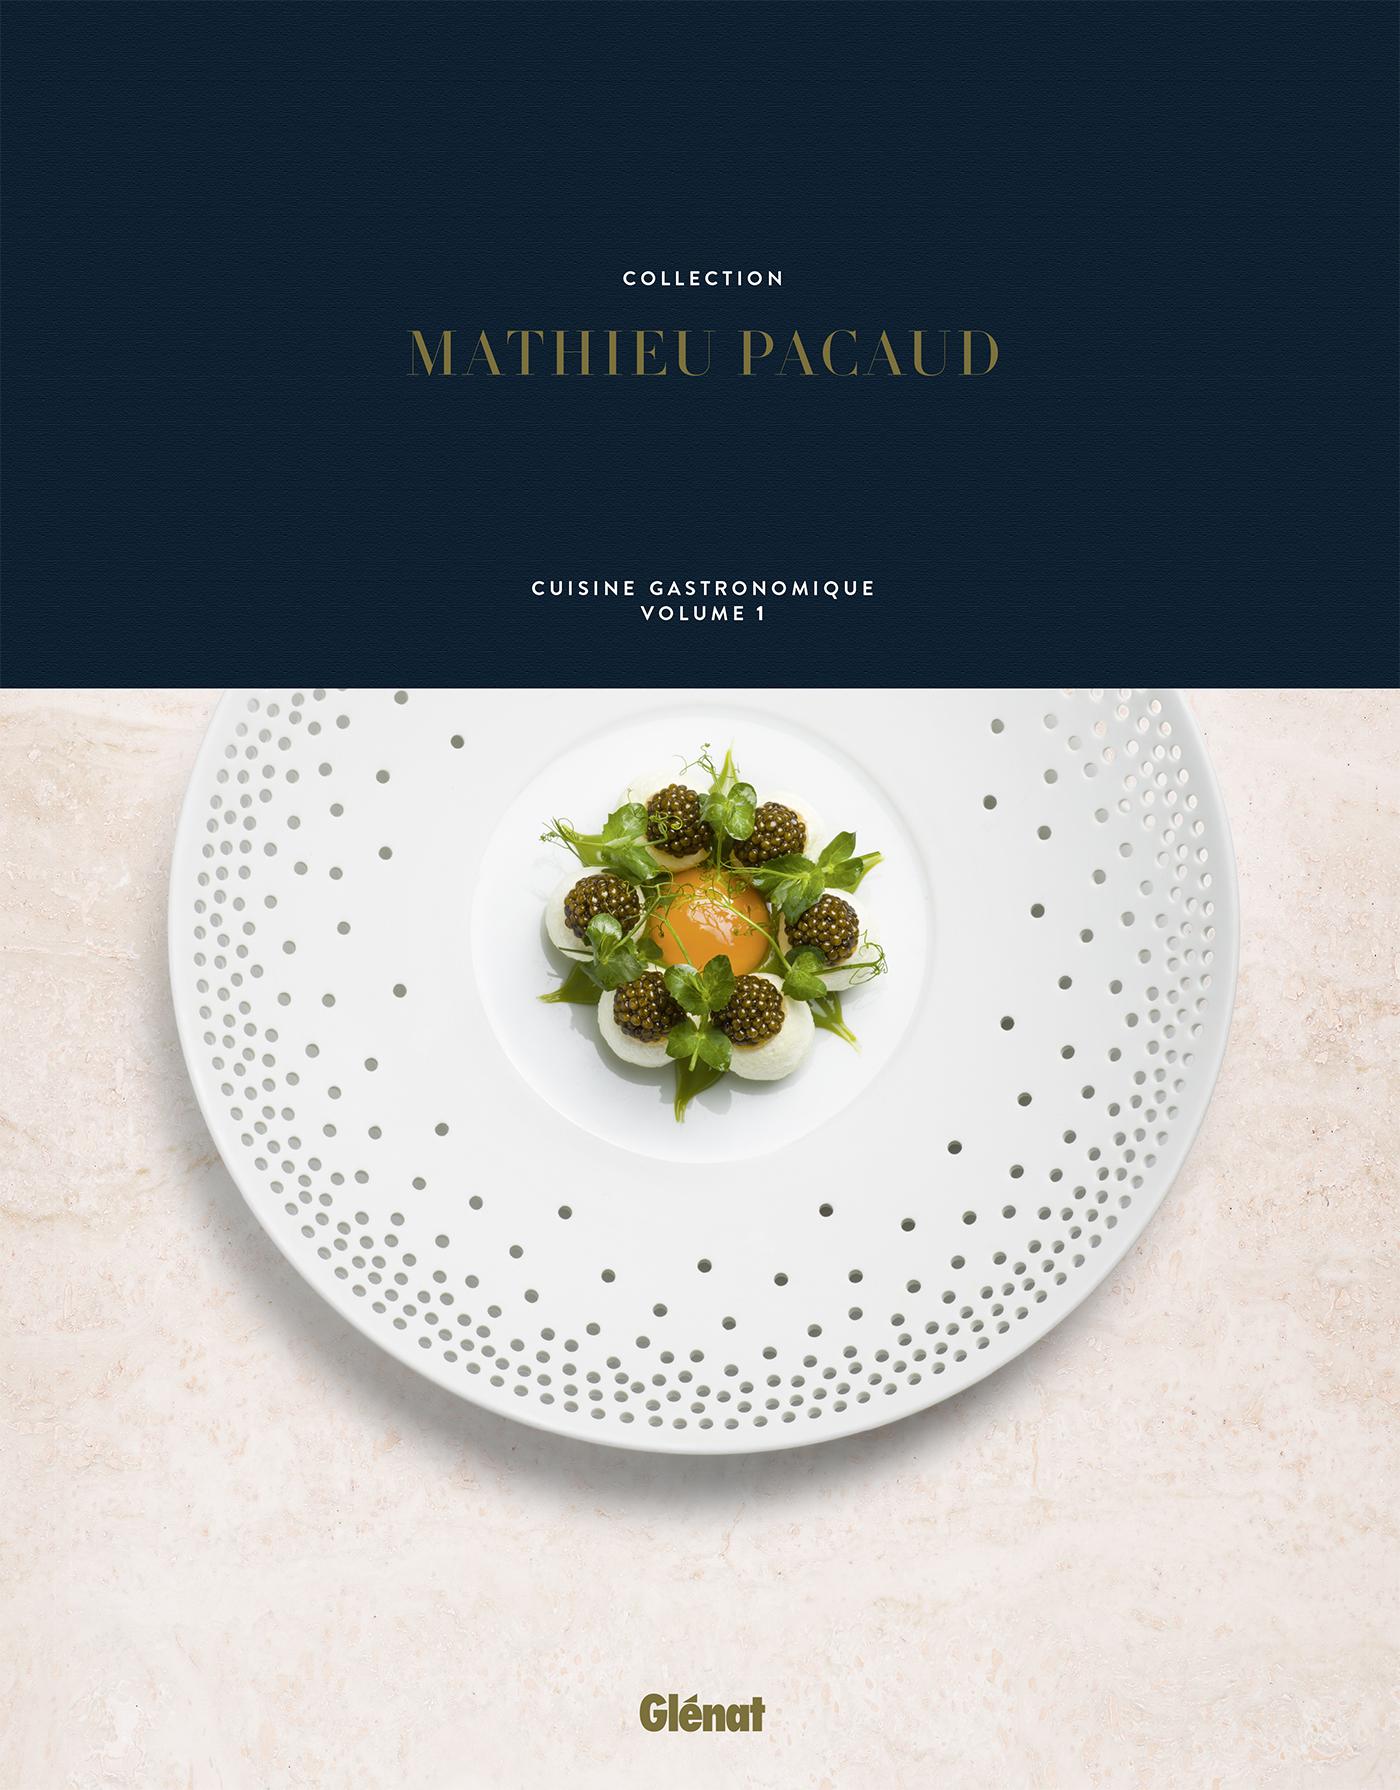 mathieu pacaud livre collection du chef cuisine gastronomique volume 1 c 39 est du lourd. Black Bedroom Furniture Sets. Home Design Ideas